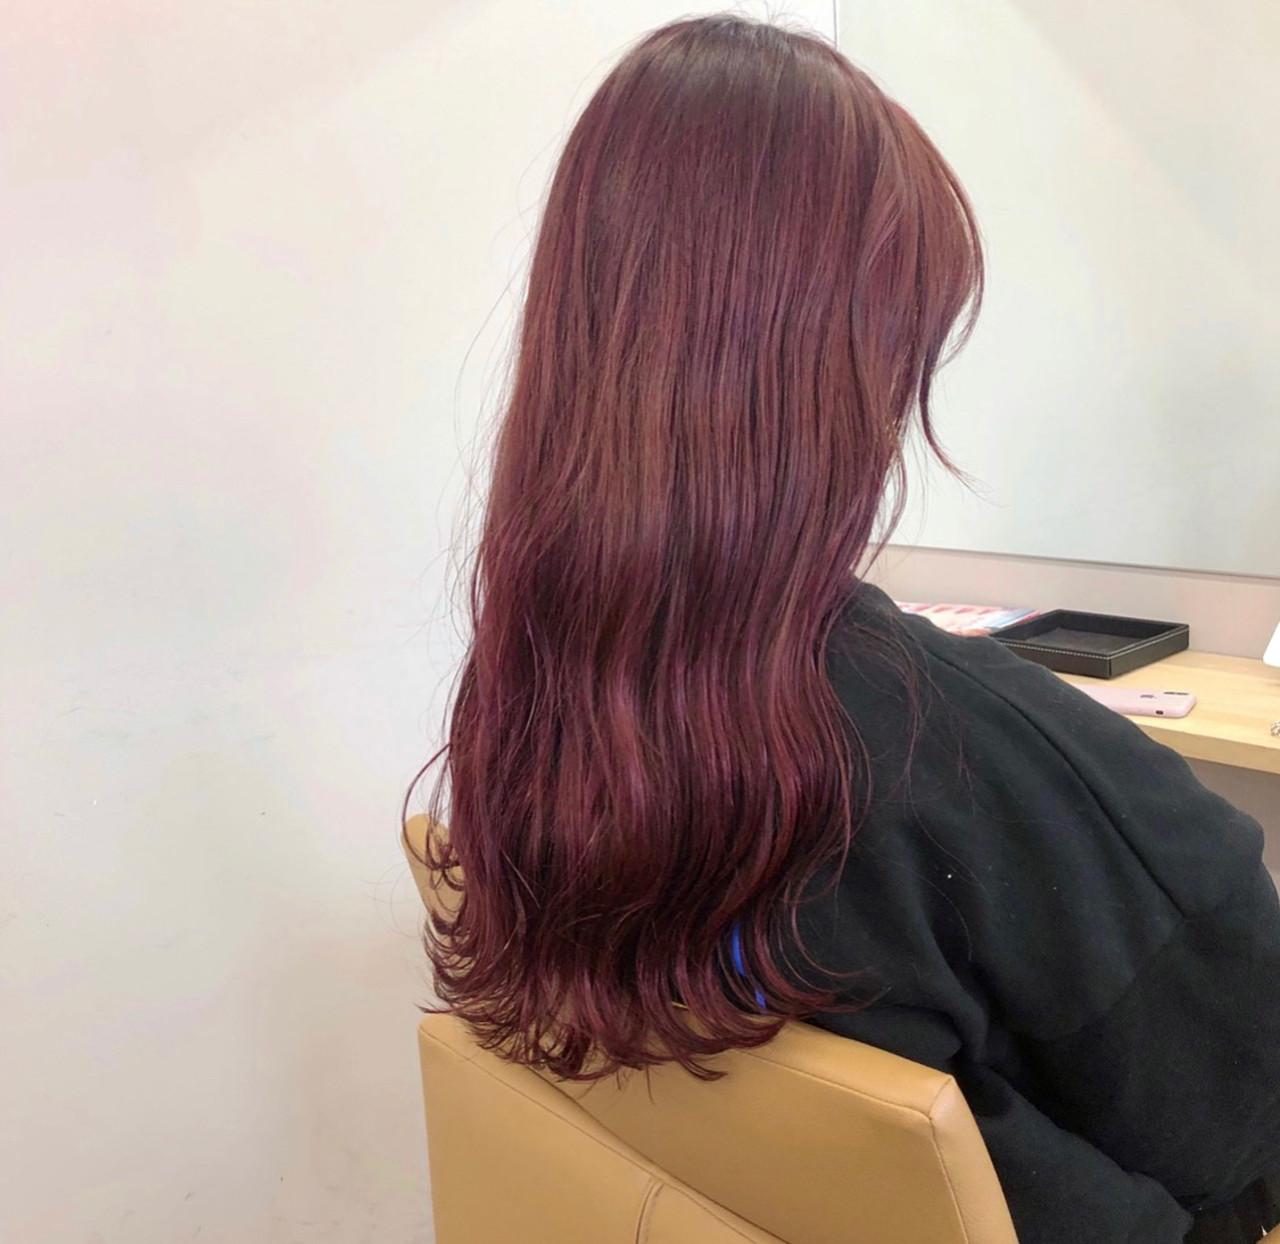 波ウェーブ ロング ストリート ヘアカラー ヘアスタイルや髪型の写真・画像